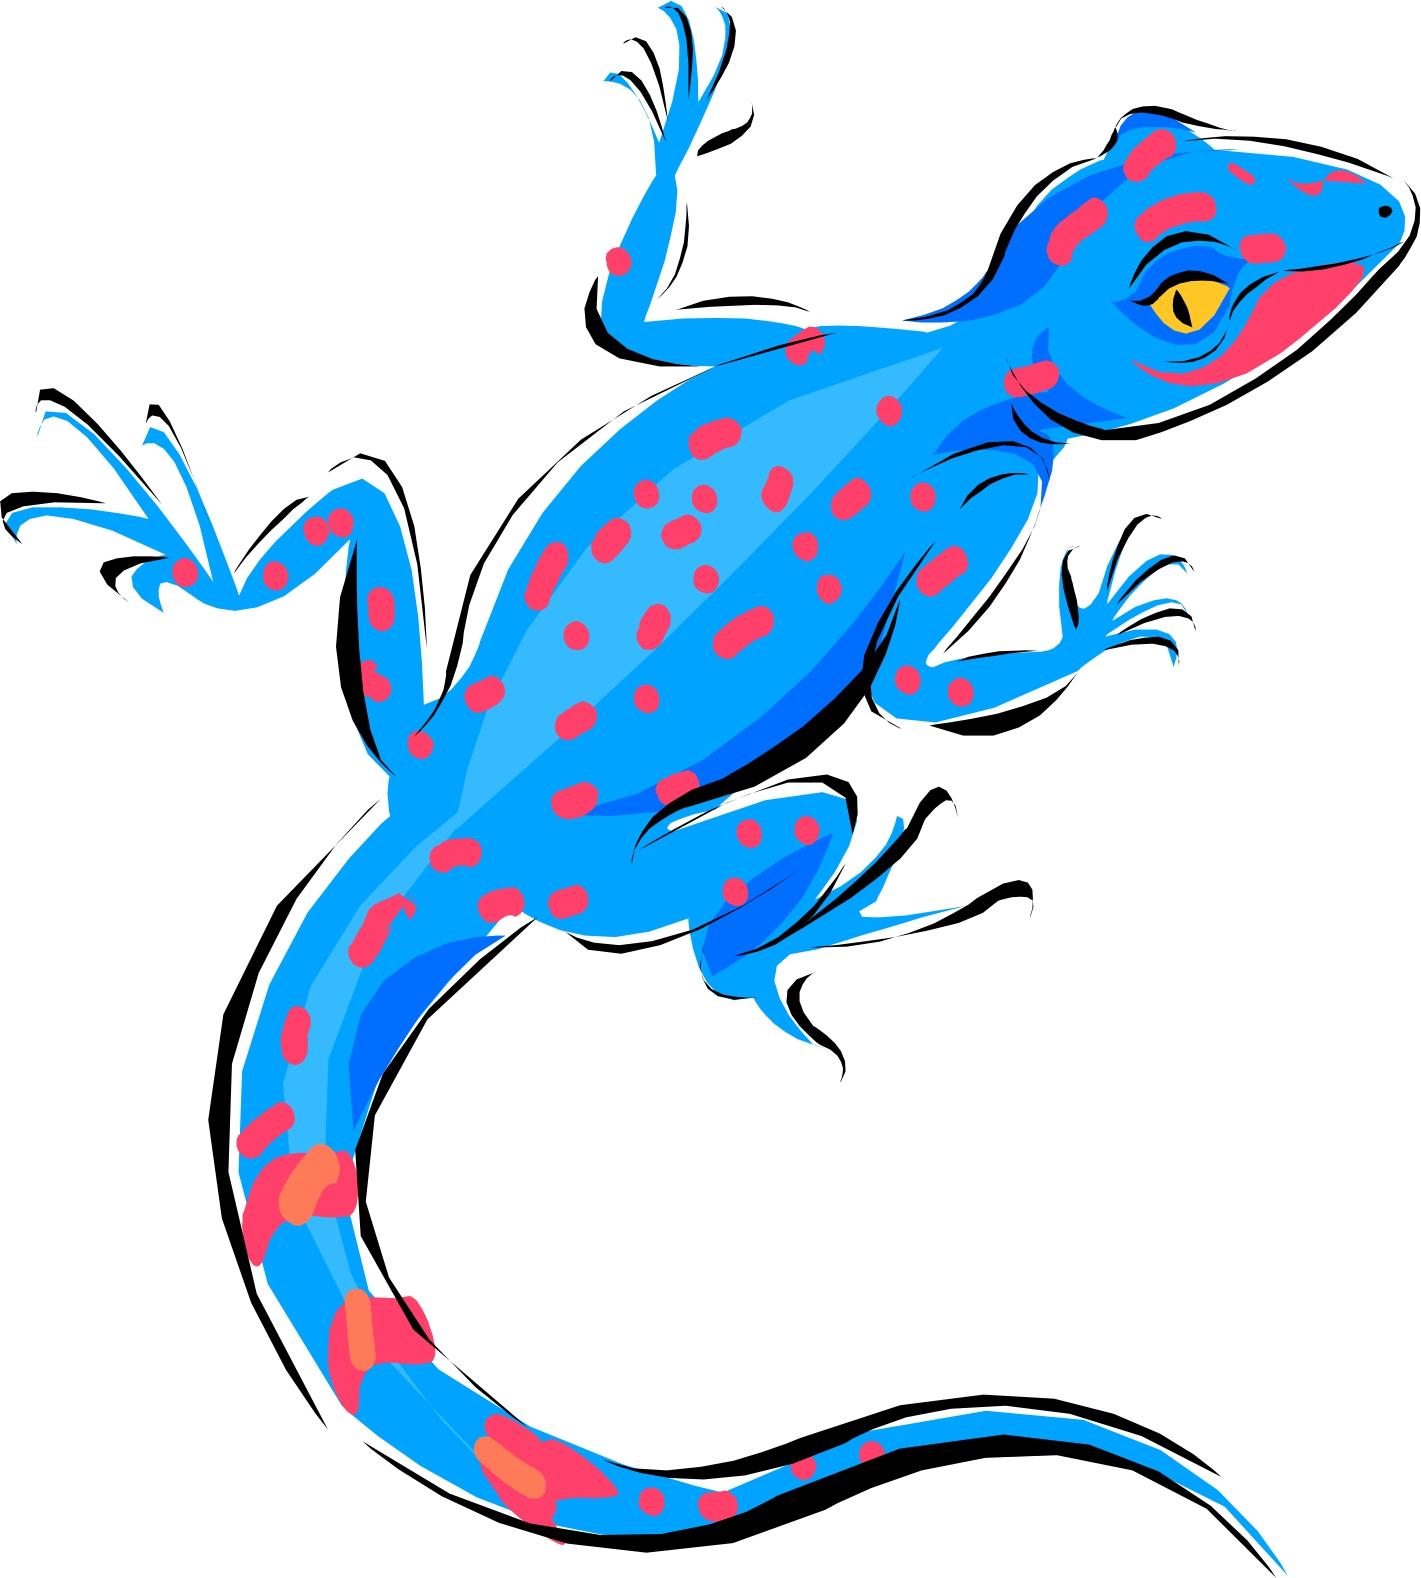 Lizard Clipart Ecmablkcn Jpeg-Lizard Clipart Ecmablkcn Jpeg-12